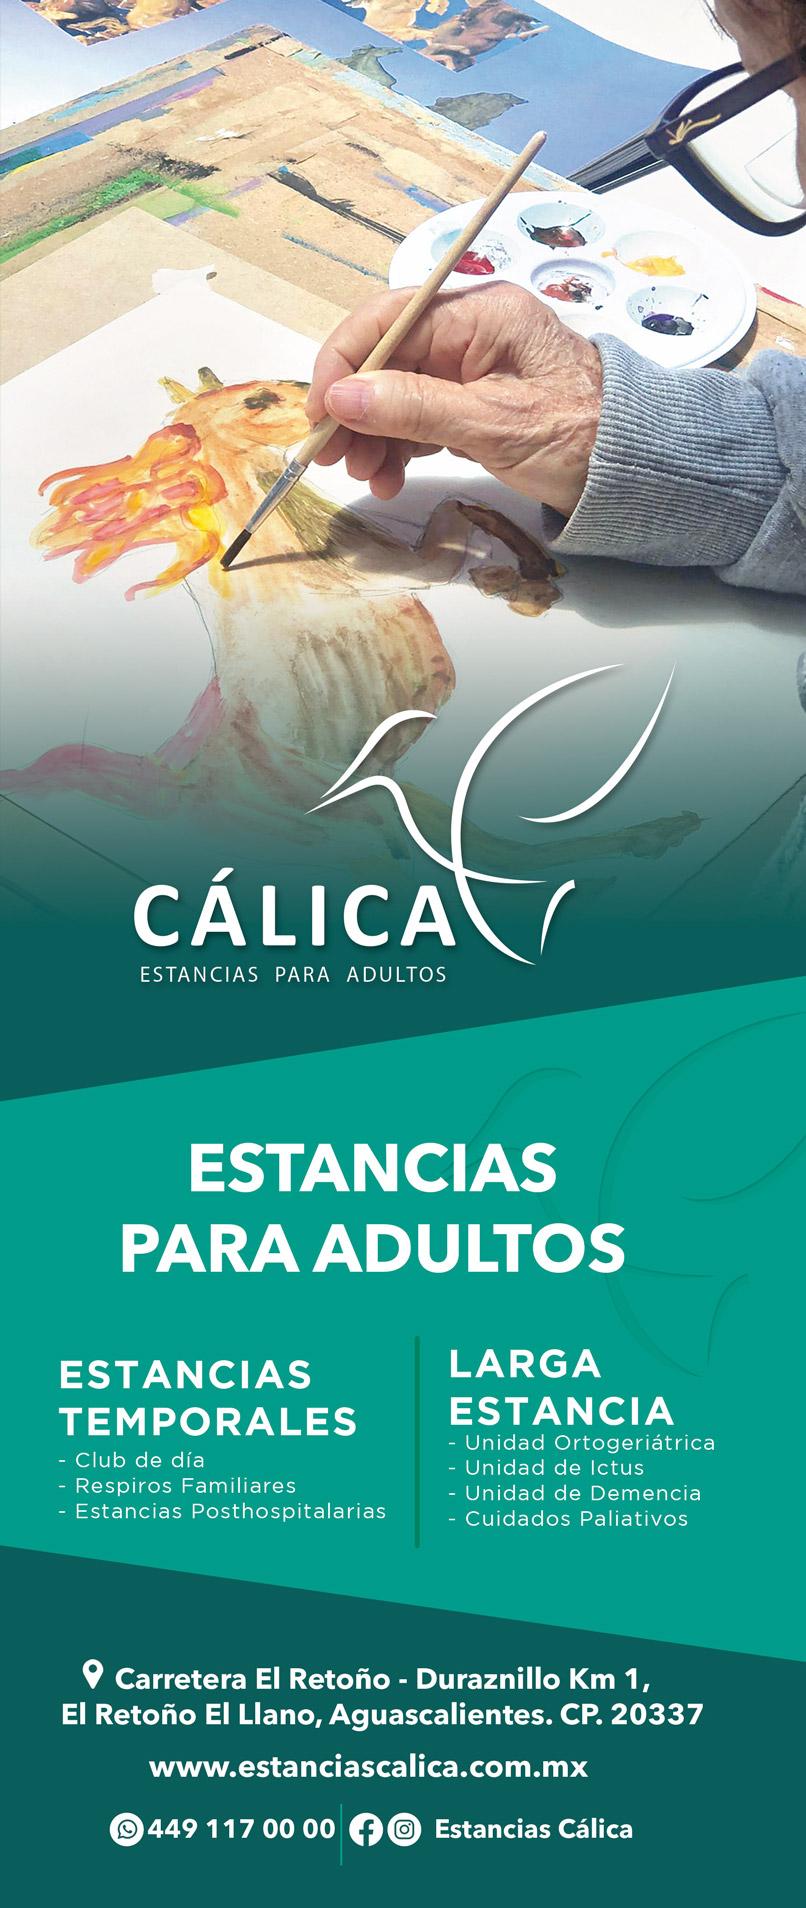 CALICA-MEDIO-VERTICAL